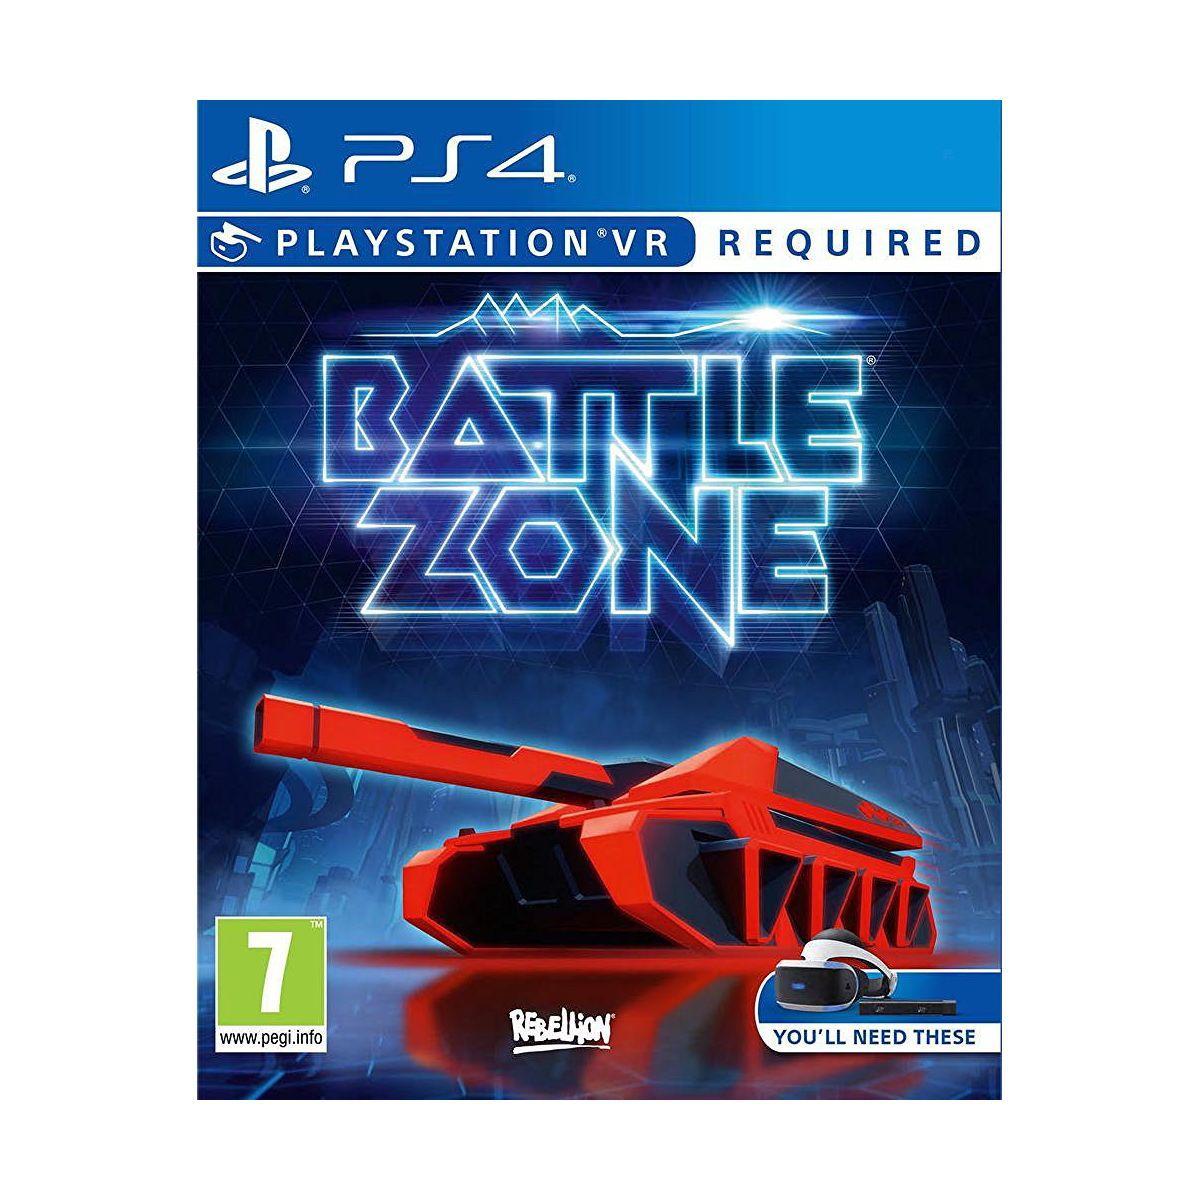 Jeu ps4 sony battlezone (vr) - 20% de remise immédiate avec le code : cool20 (photo)